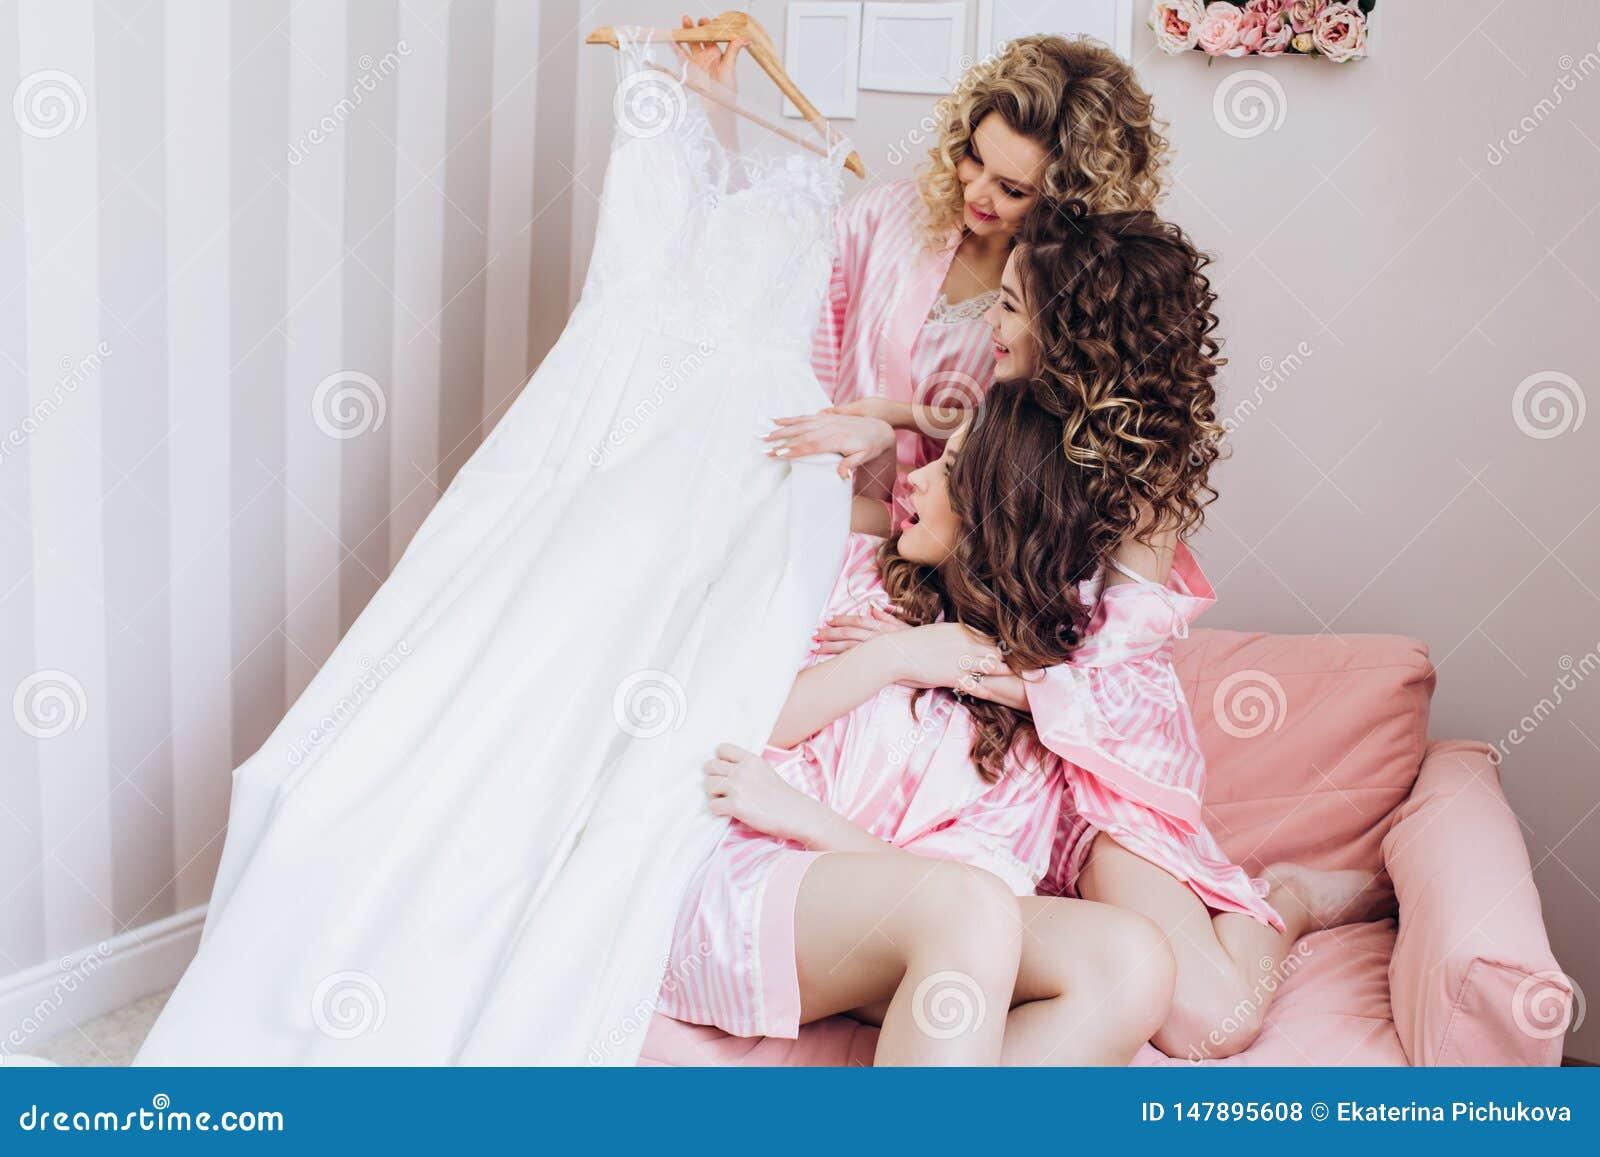 Τρία λεπτά, νέα, όμορφα κορίτσια στις ρόδινες πυτζάμες εξετάζουν ένα γαμήλιο φόρεμα